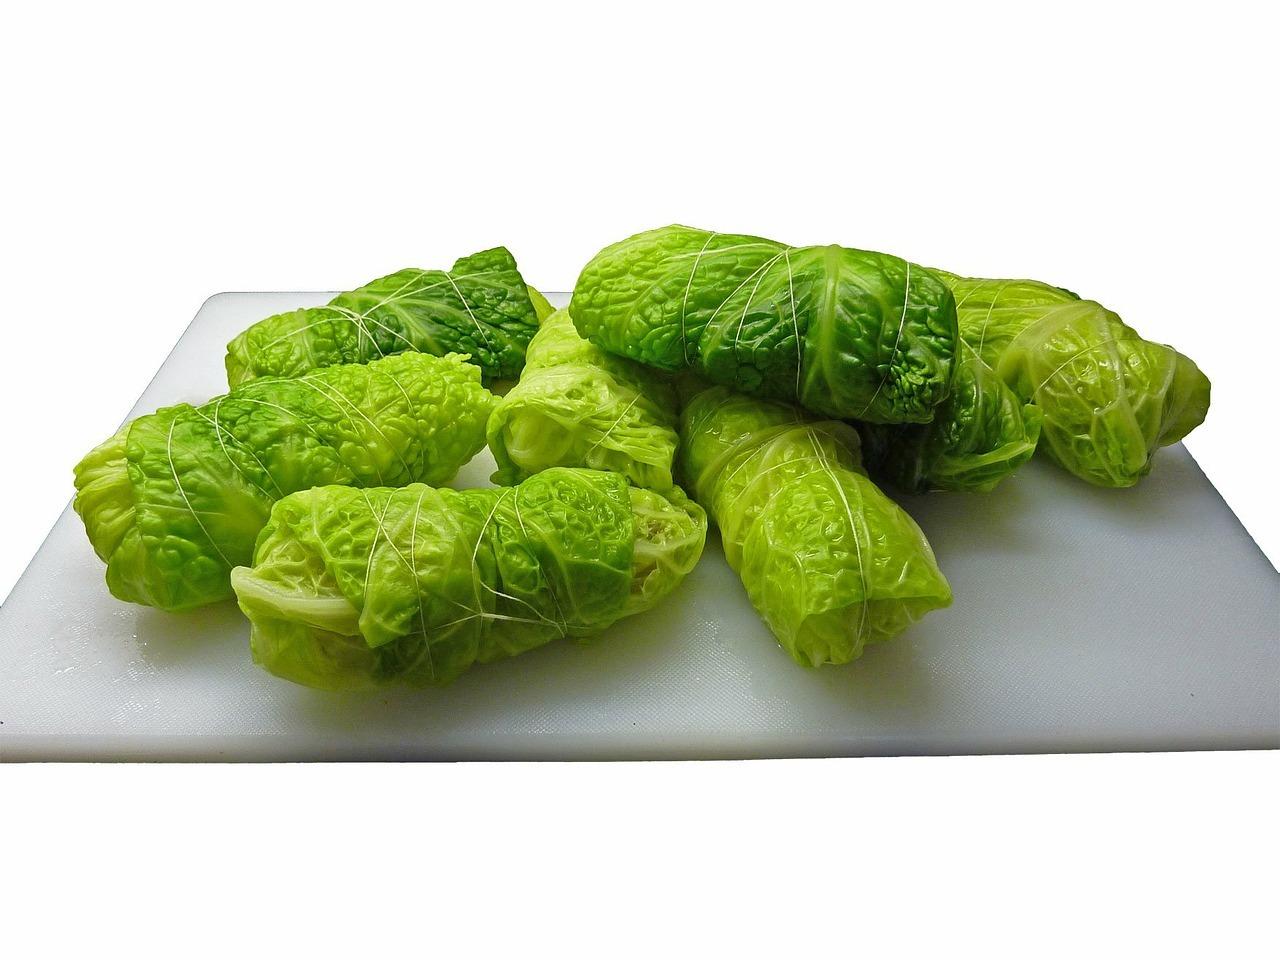 Ist kein Weißkohl erhältlich, kannst du auch die Blätter des Wirsing für die Rouladen verwenden.